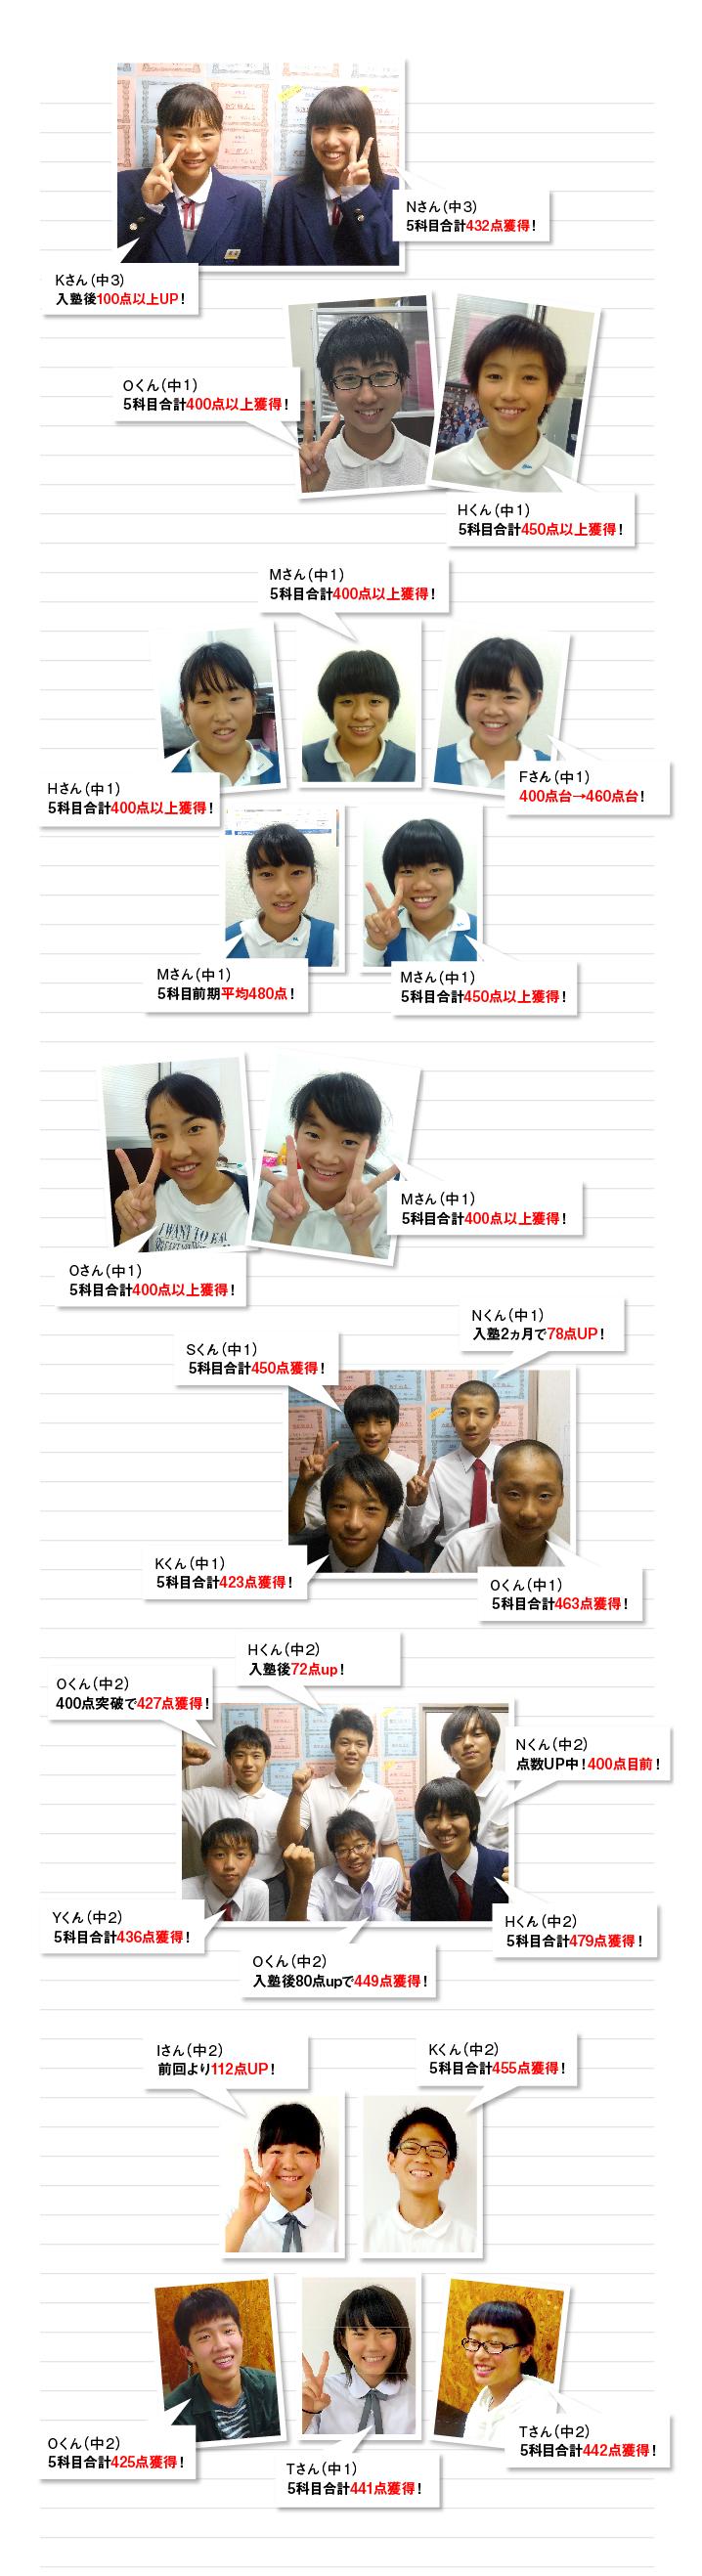 1802_All-upブログ記事画像-01